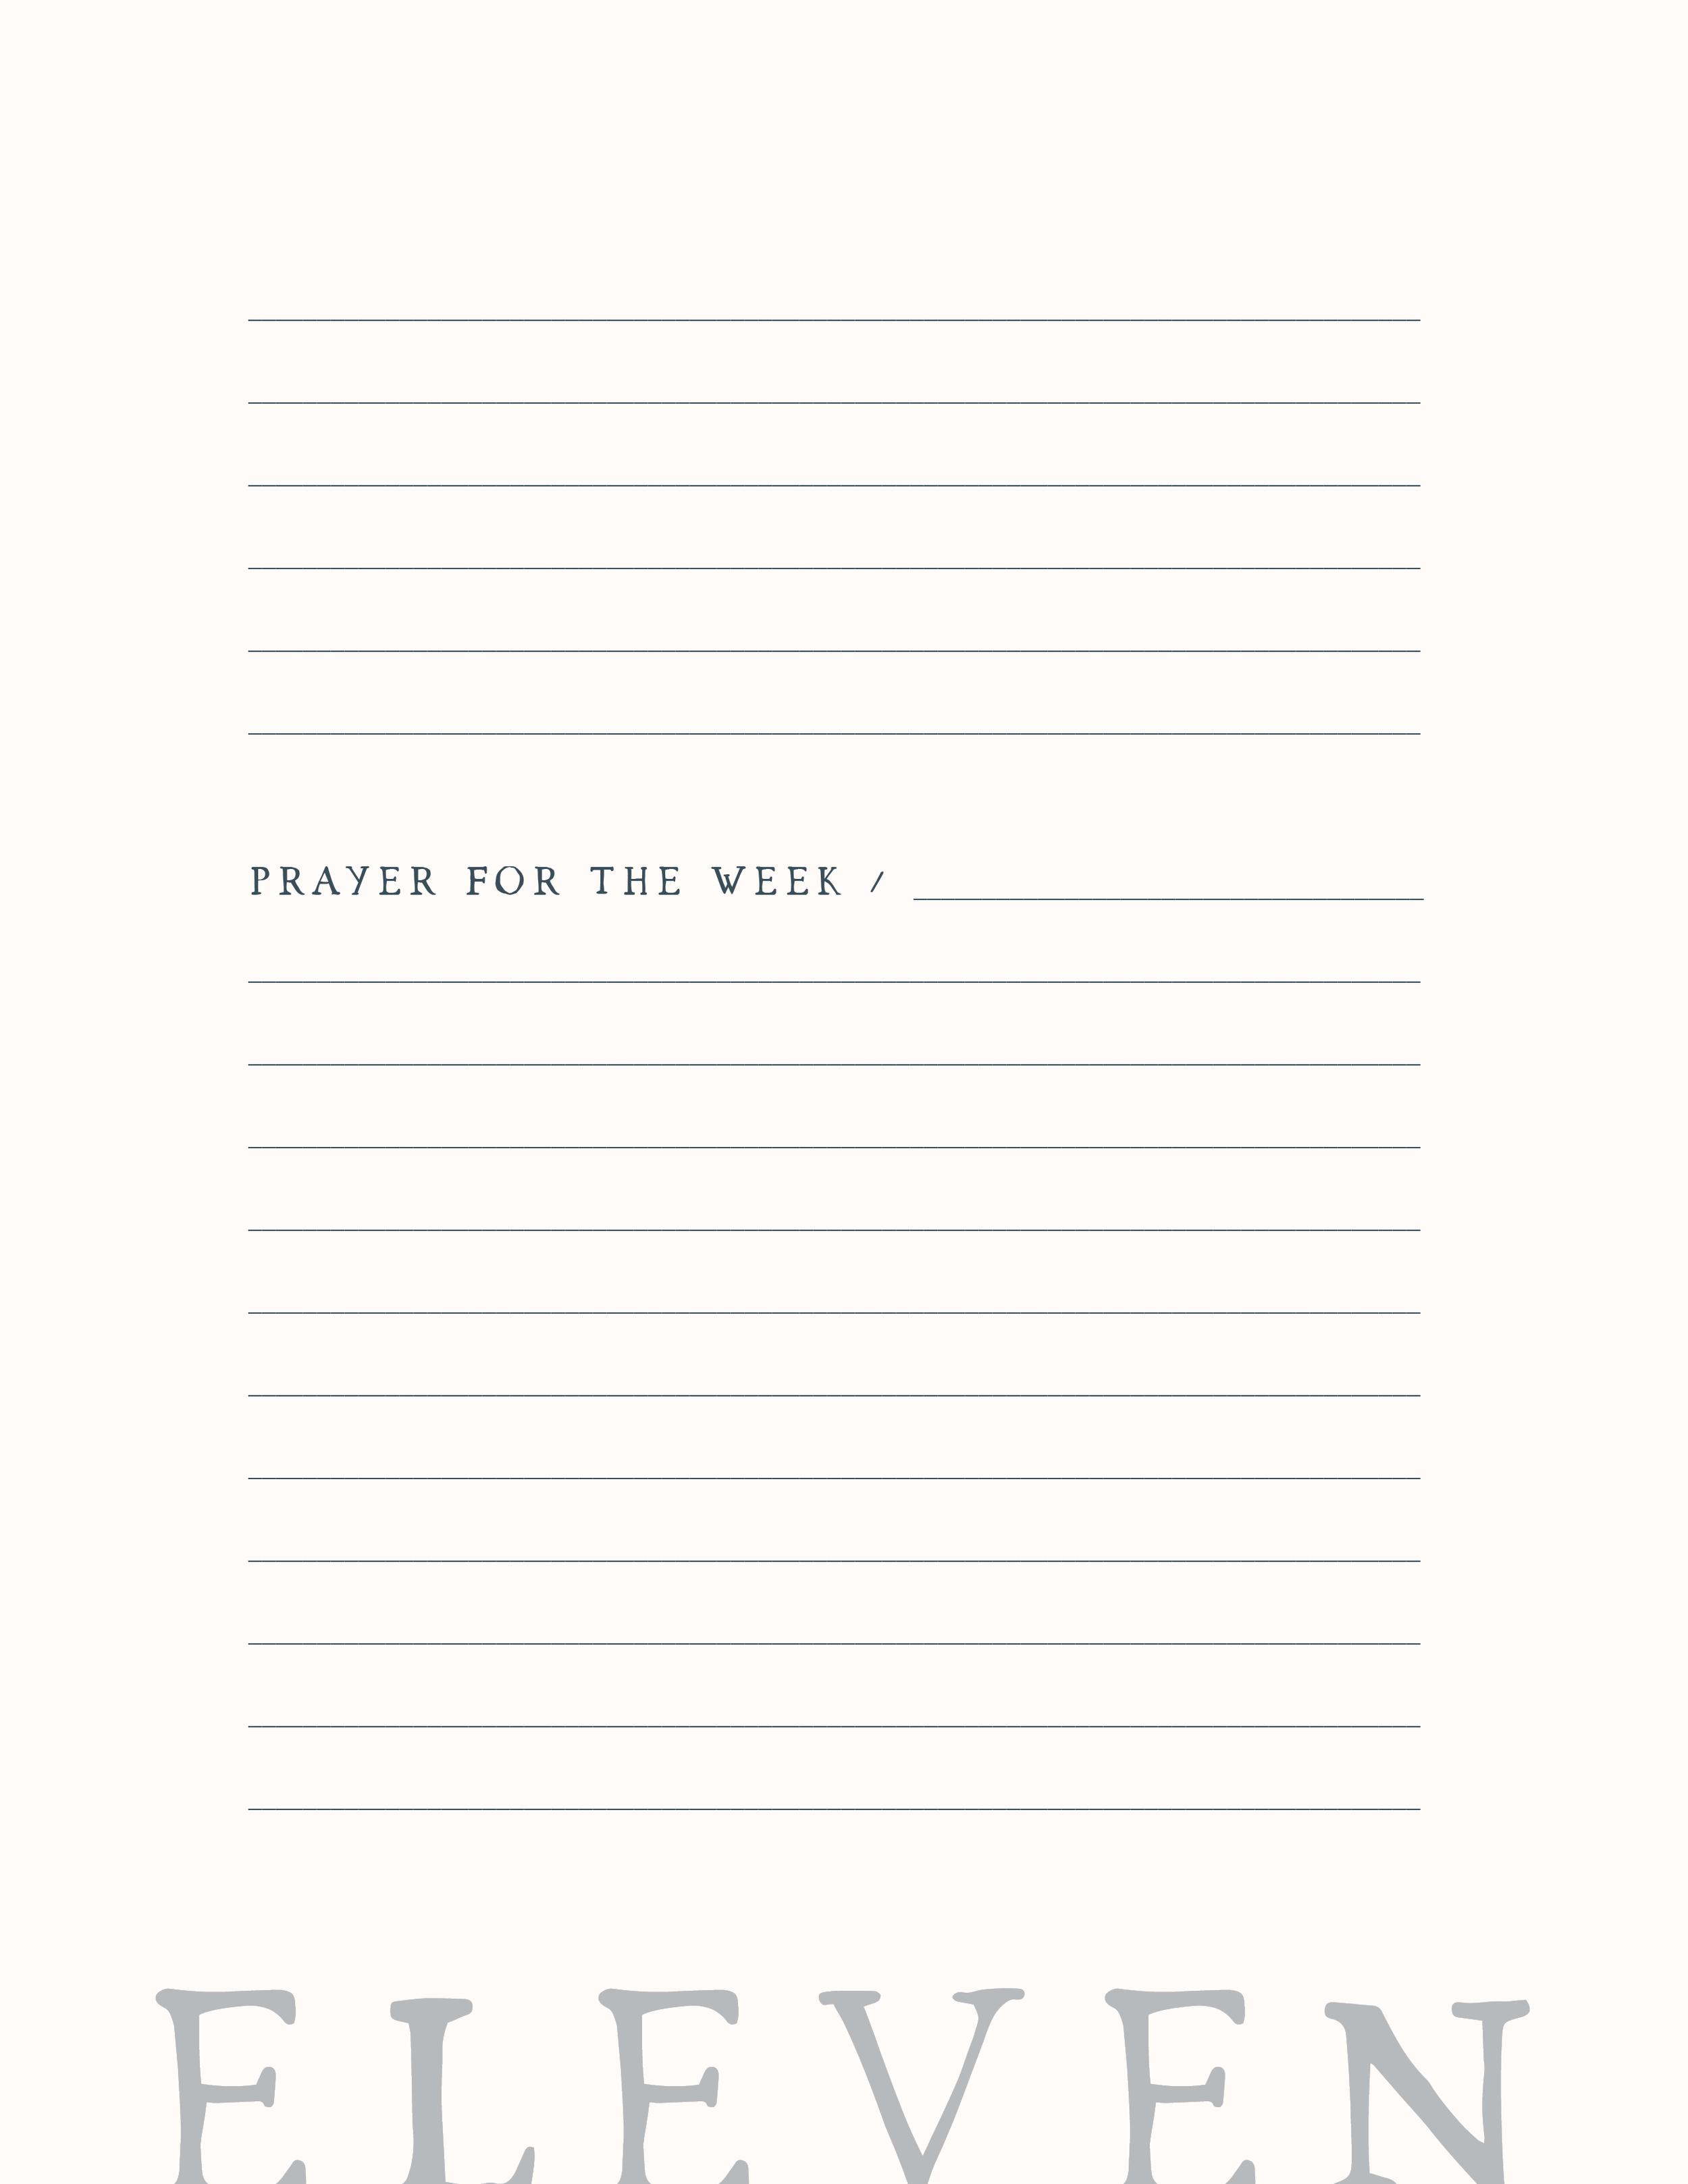 week112.png